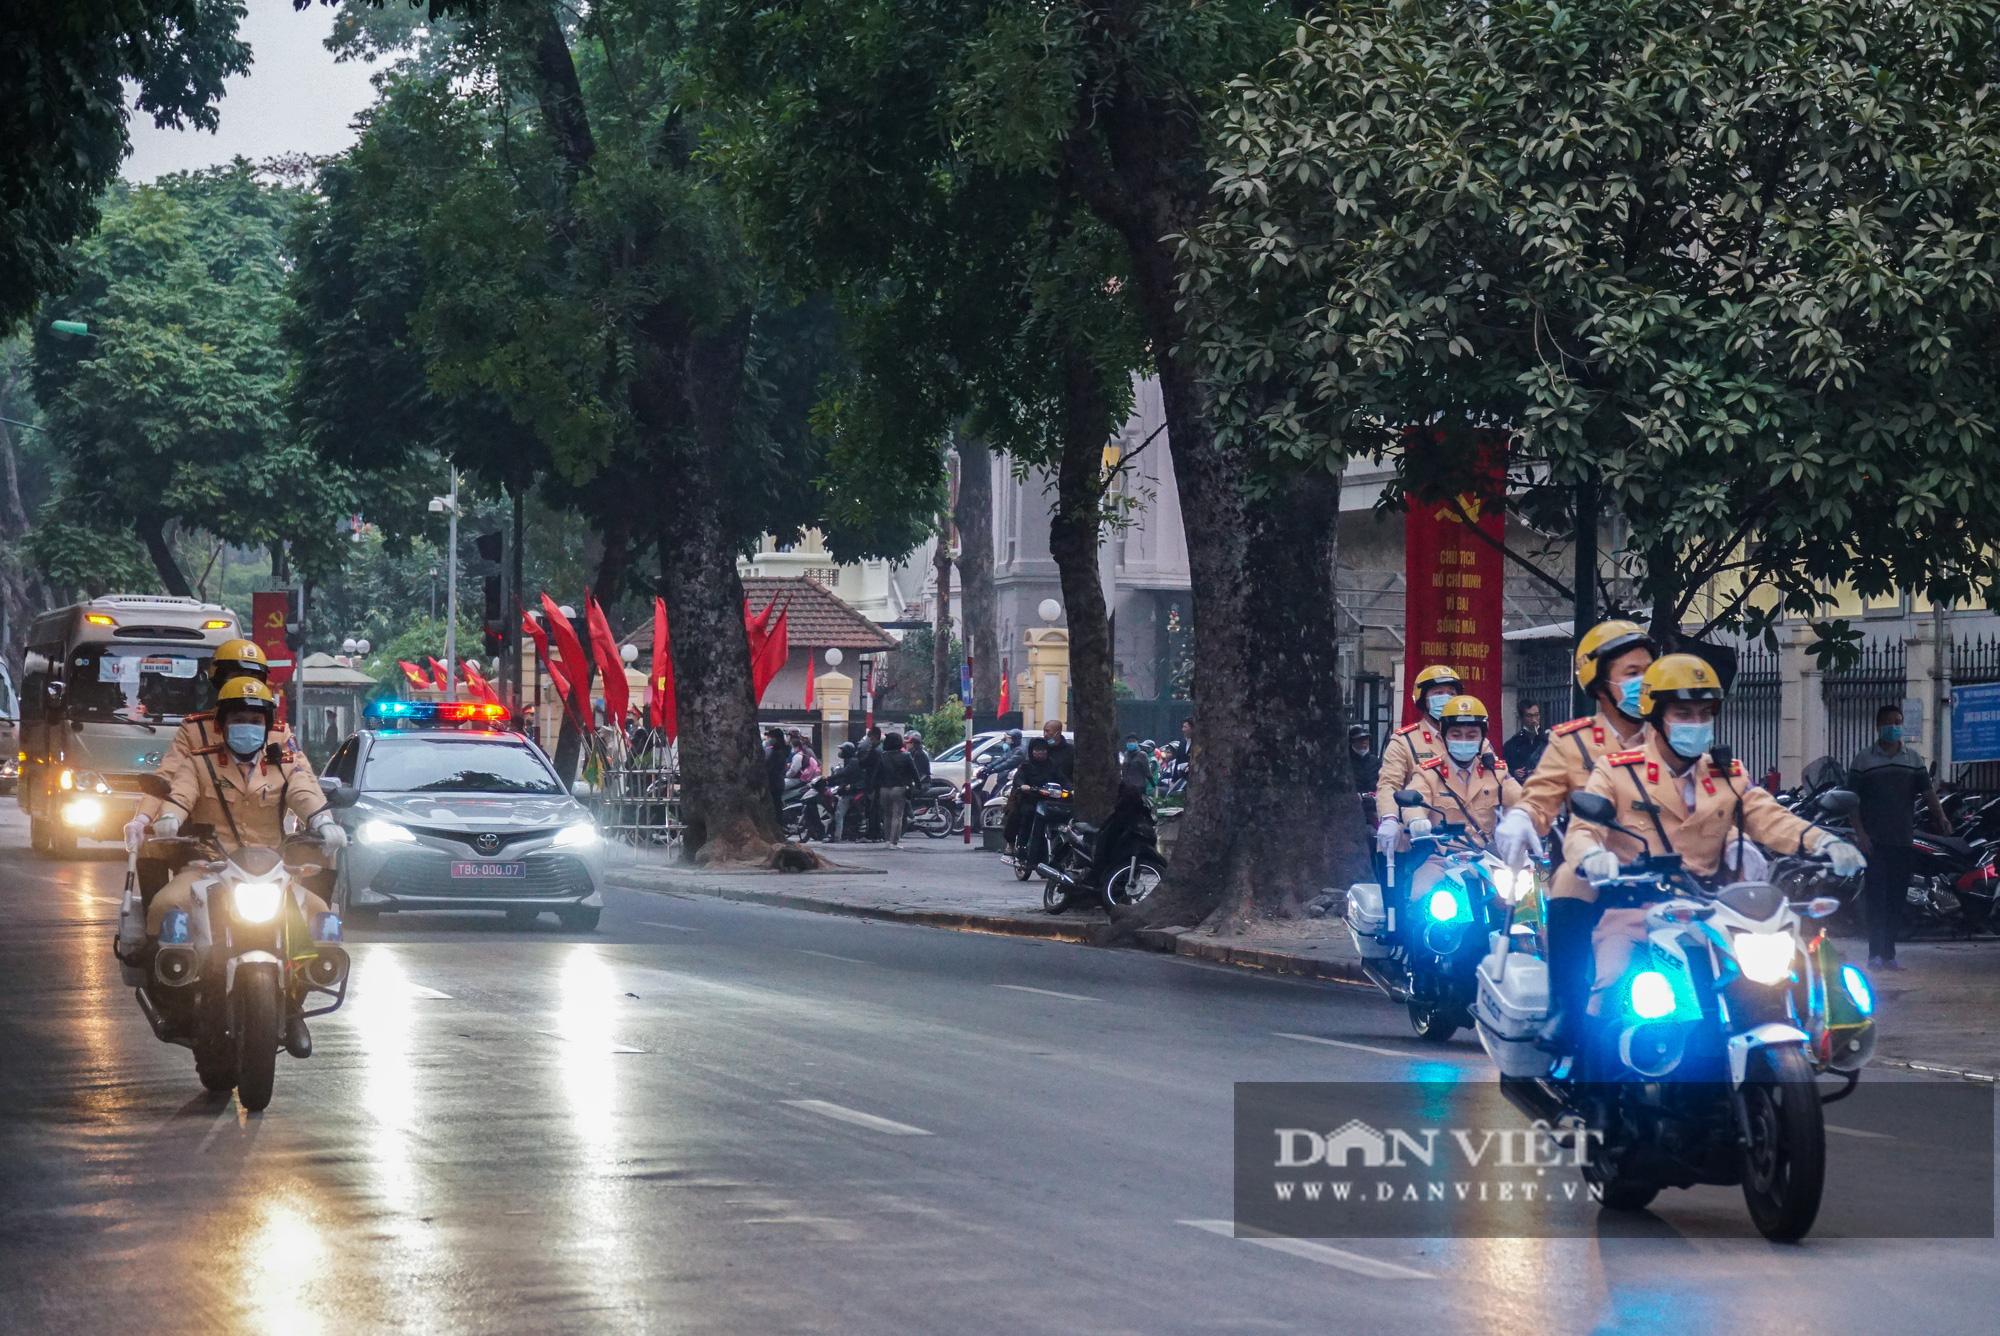 Hình ảnh đoàn xe đại biểu từ Lăng Bác về Trung tâm Hội nghị Quốc gia - Ảnh 5.